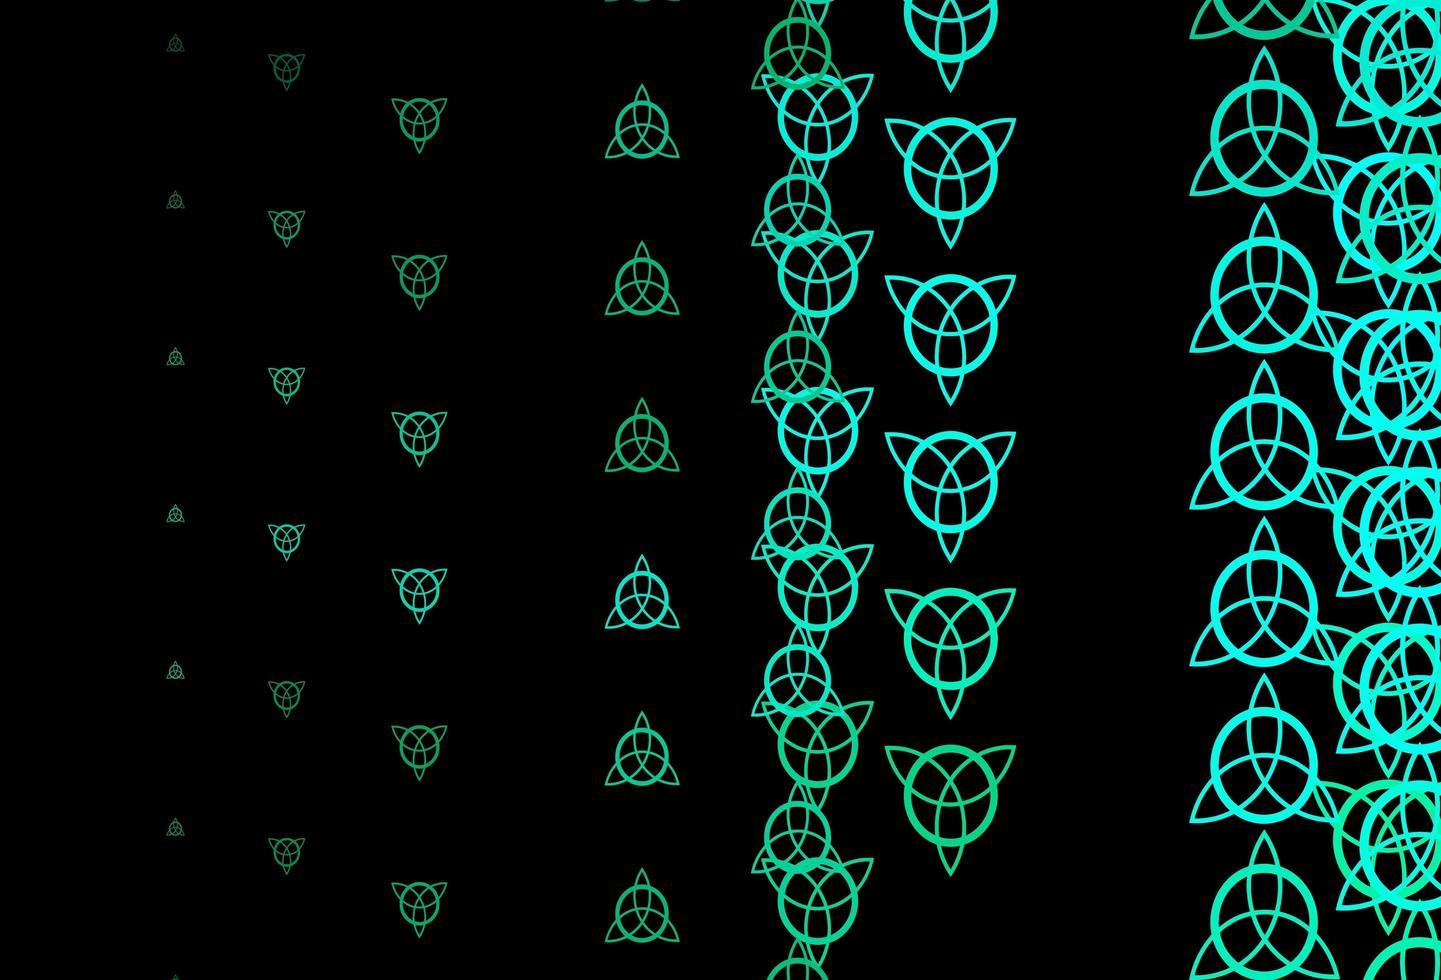 modèle vectoriel vert foncé avec des éléments magiques.